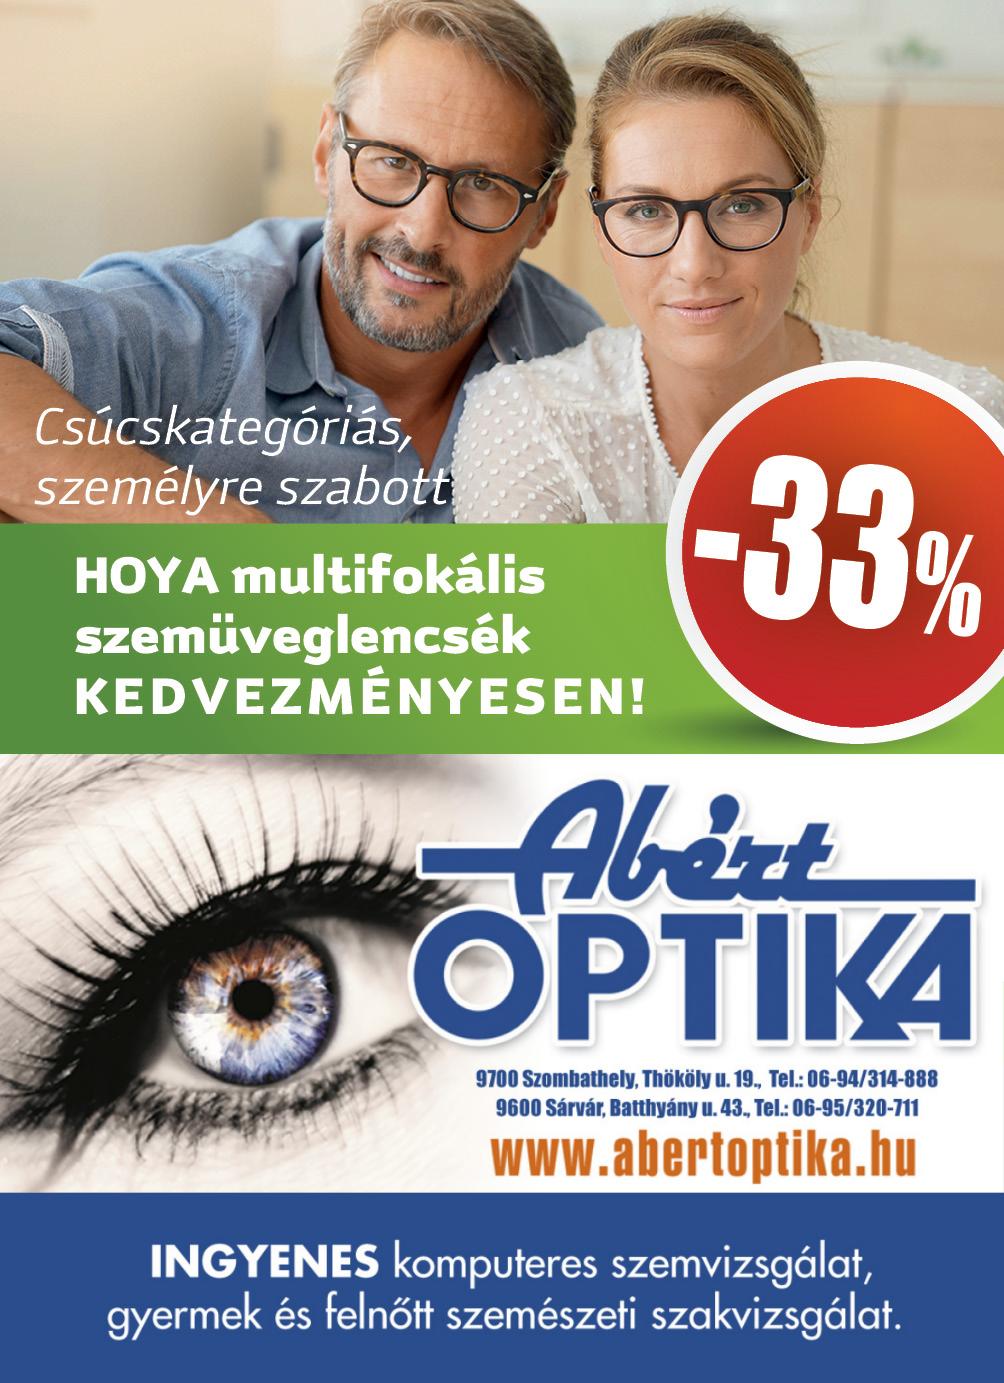 Hoya multifokális szemüveglencsék 33% kedvezménnyel 1bb1a31ca3